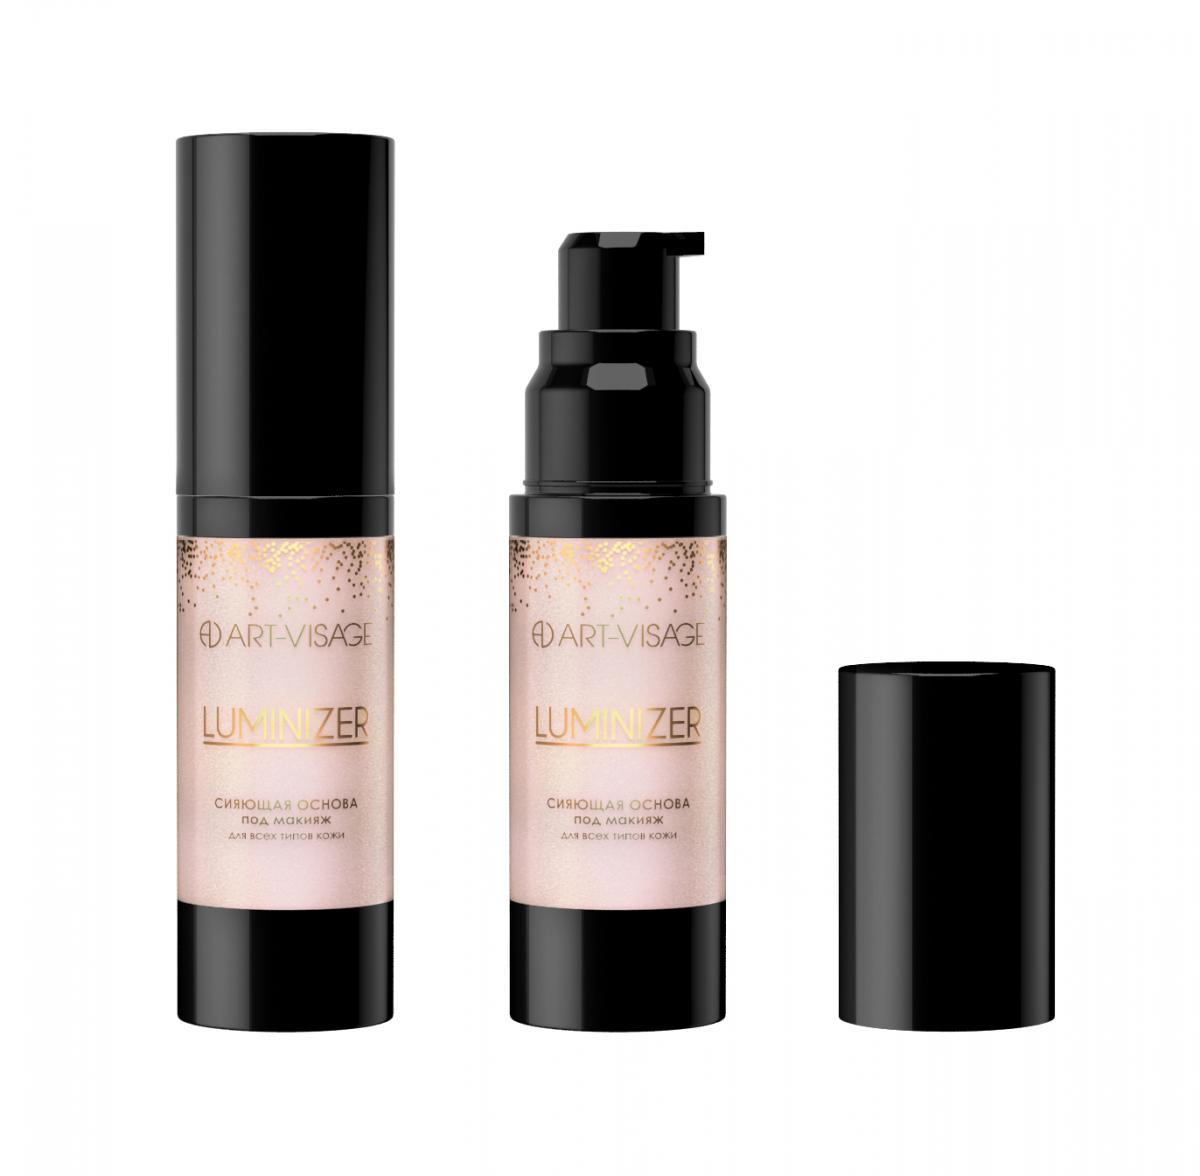 Сияющая основа под макияж Art-Visage Luminizer (для всех типов кожи) 20 мл